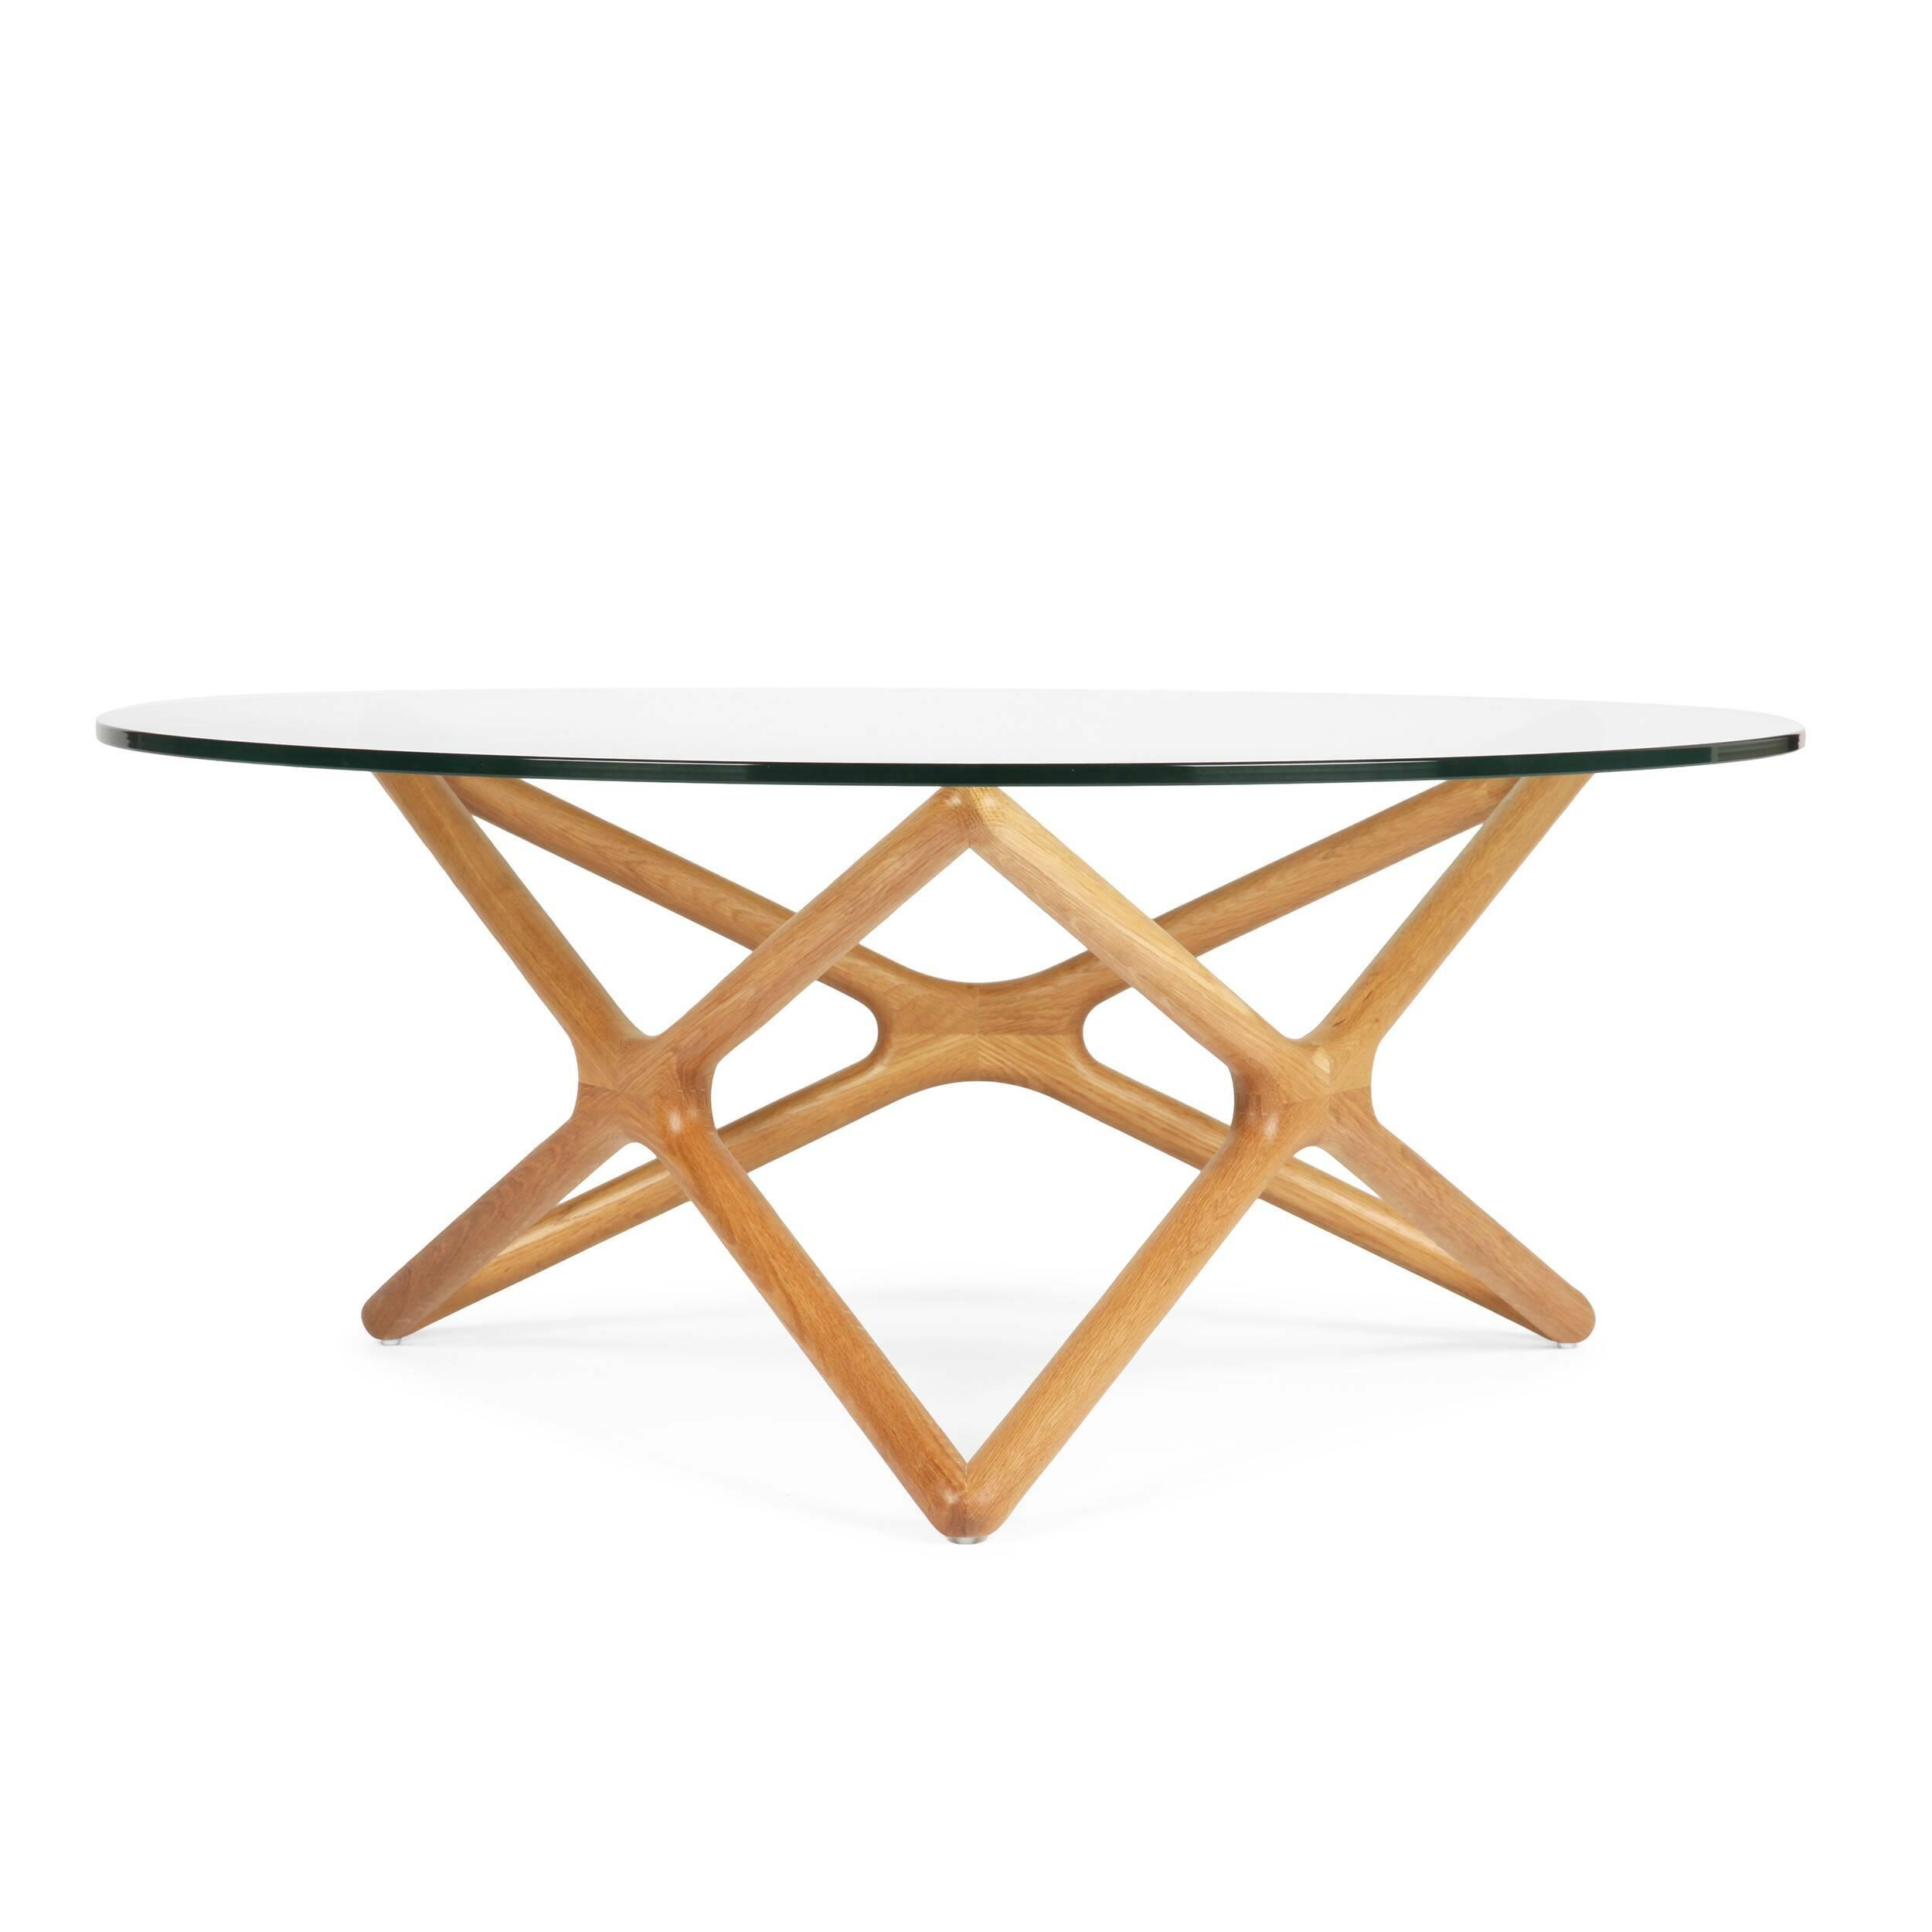 Кофейный стол Triple X высота 41Кофейные столики<br>Дизайнерский широкий кофейный стол Triple X (Трипл Икс) с высотой 41 см со стеклянной столешницей от Cosmo (Космо).<br><br><br><br> Необычная геометрия стола влюбляет в себя с первого взгляда. Кажется, будто живая лиана оплетает стеклянную столешницу. В названии читается особенность конструкции стола. С английского Triple X — «три икс». Схема конструкции будто составлена из трех английских букв X, циклично соединенных между собой. Сверху же ножки выглядят как пятиконечная звезда. Если смотреть на с...<br><br>stock: 7<br>Высота: 41,2<br>Диаметр: 100<br>Цвет ножек: Светло-коричневый<br>Цвет столешницы: Прозрачный<br>Материал ножек: Массив дуба<br>Тип материала столешницы: Стекло закаленное<br>Тип материала ножек: Дерево